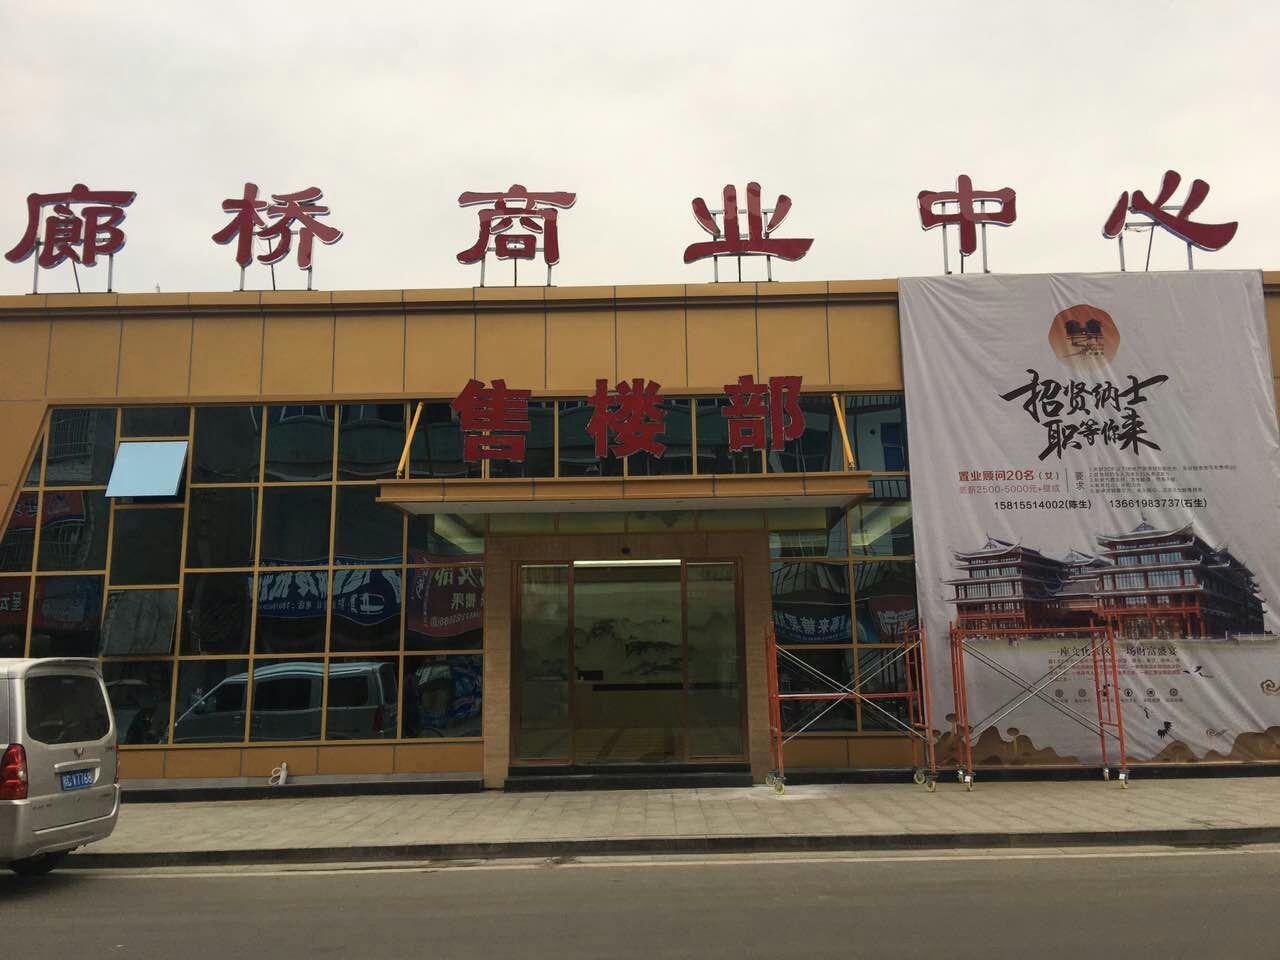 广西全州廊桥商业中心